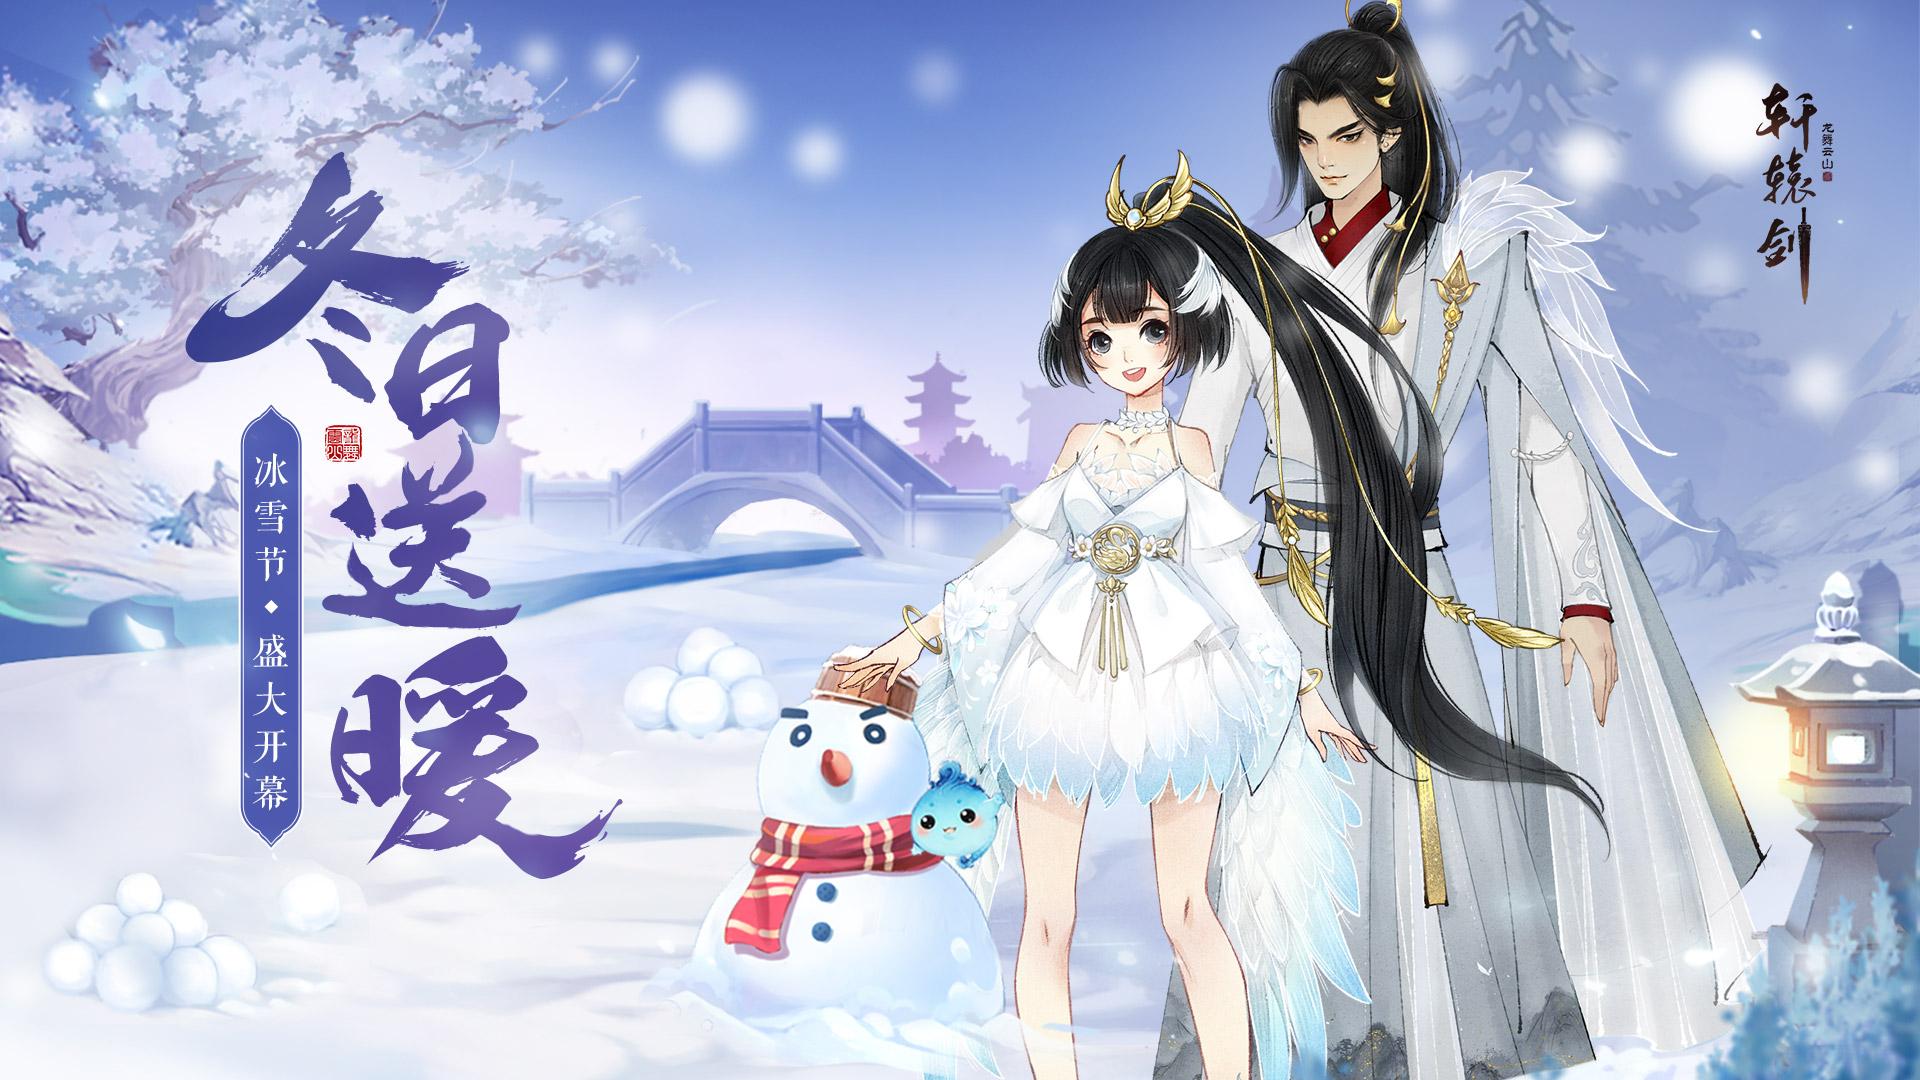 情暖冬至,《轩辕剑龙舞云山》冰雪节盛大开幕